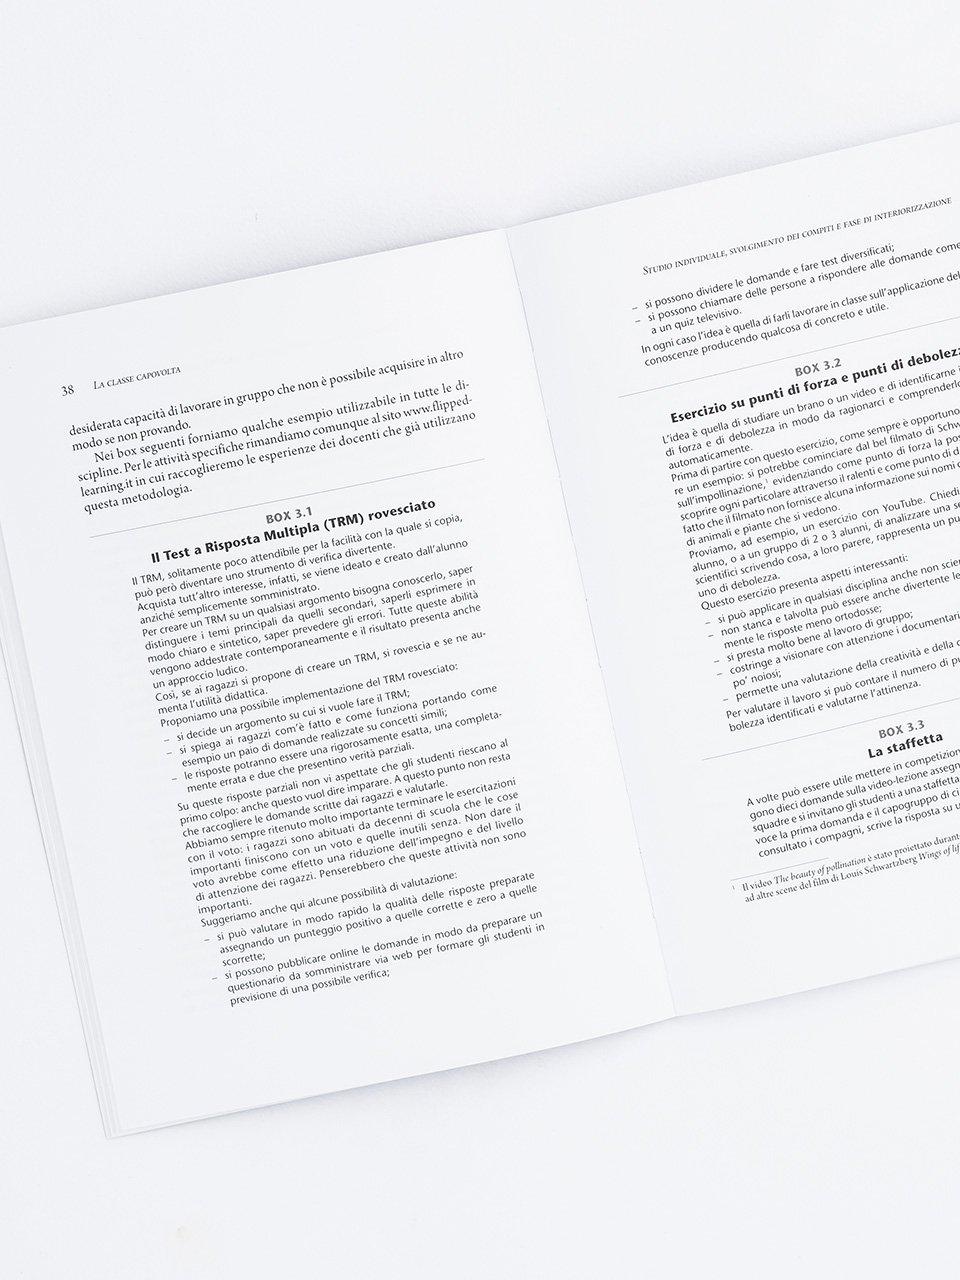 La classe capovolta - Libri - Erickson 2